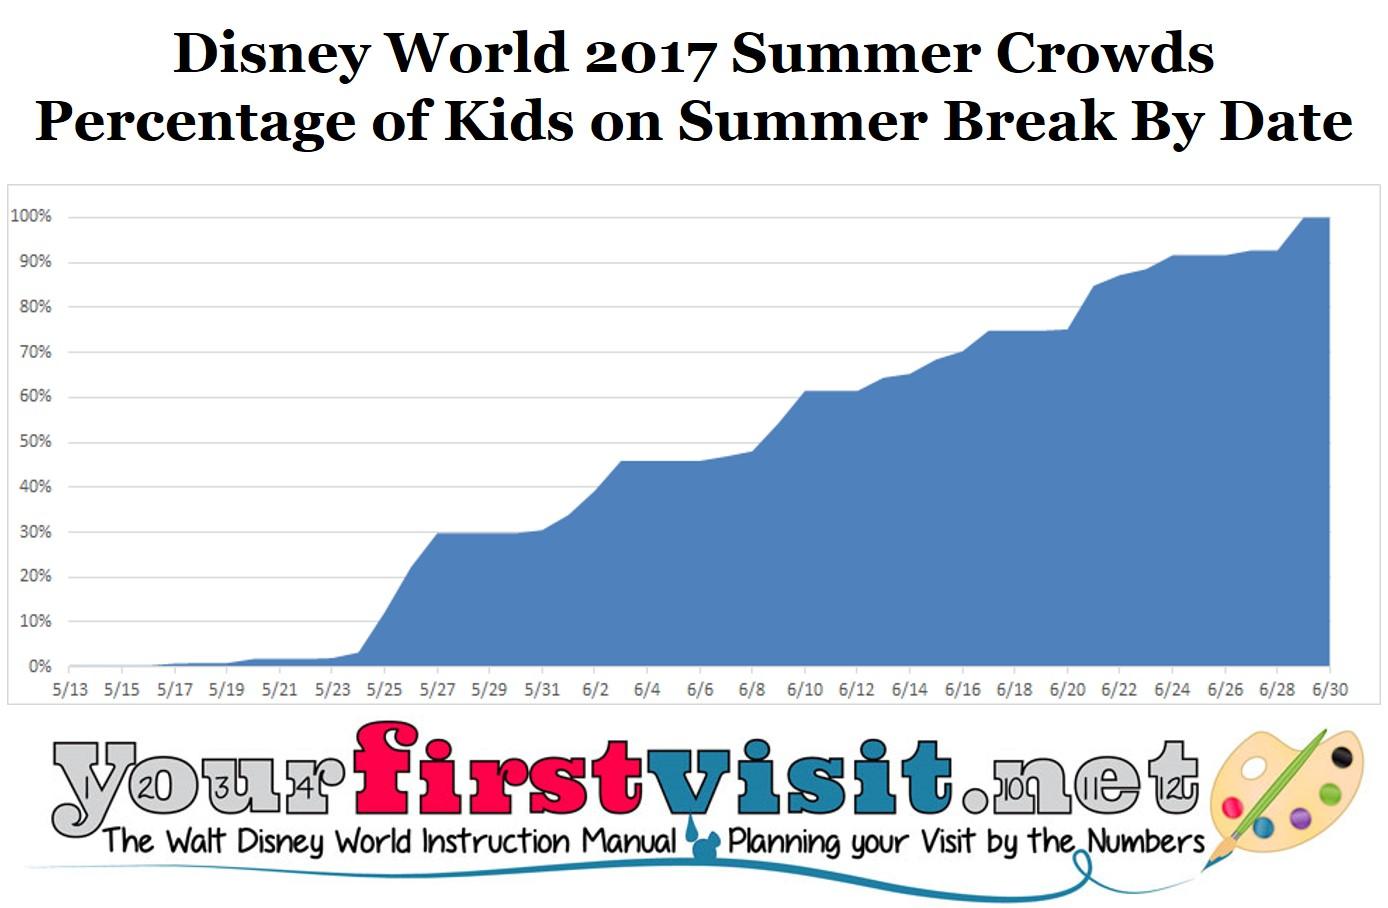 Disney World Summer 2017 Crowds from yourfirstvisit.net